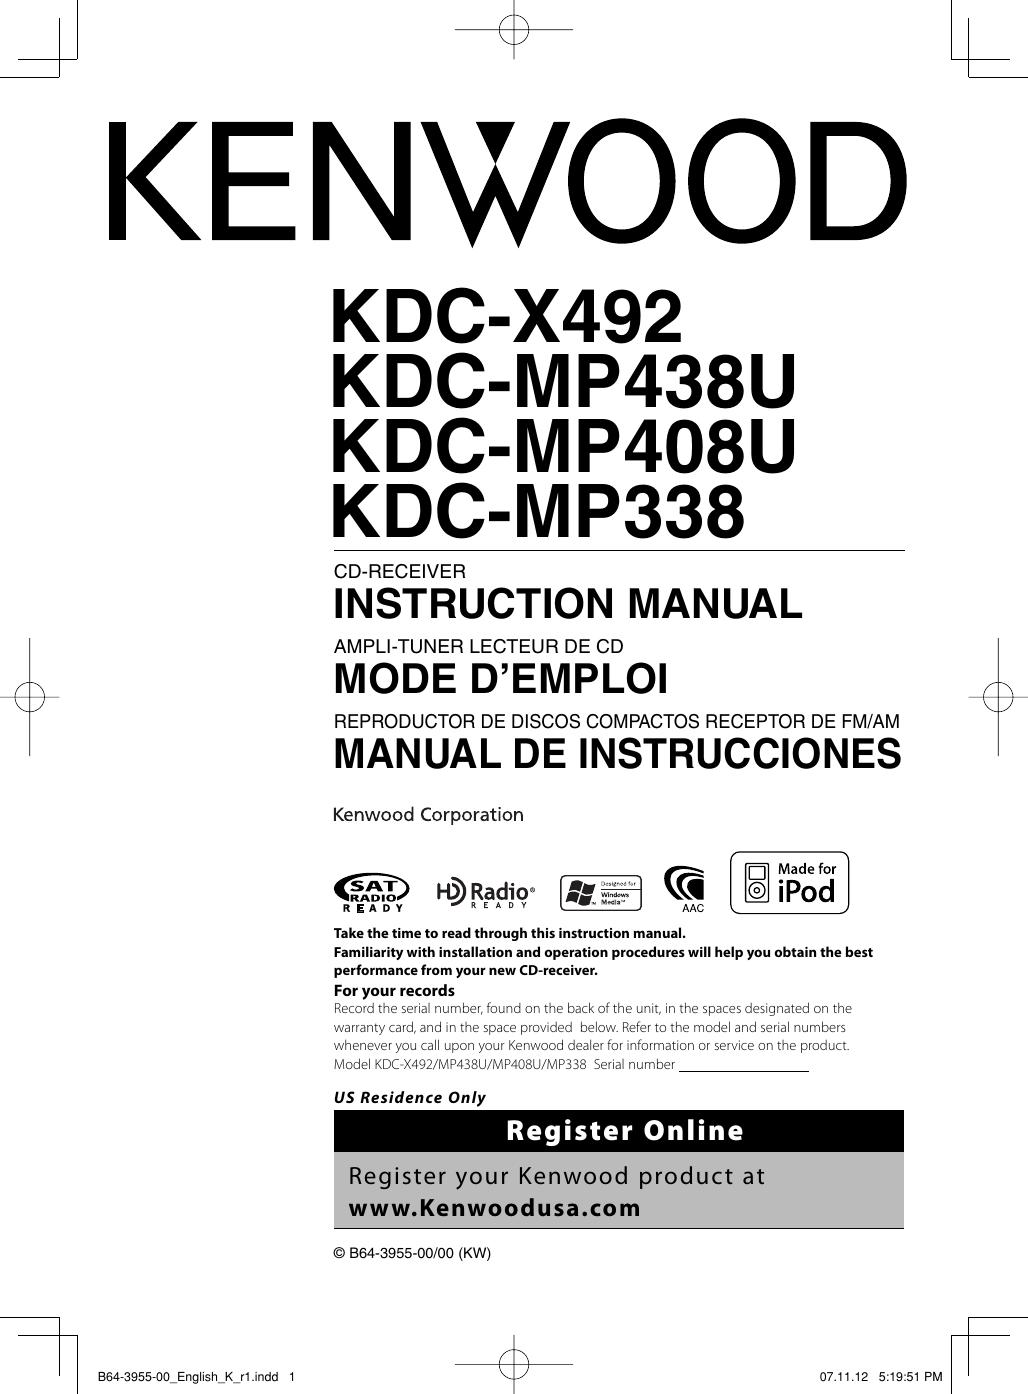 wiring diagram kenwood kdc x492